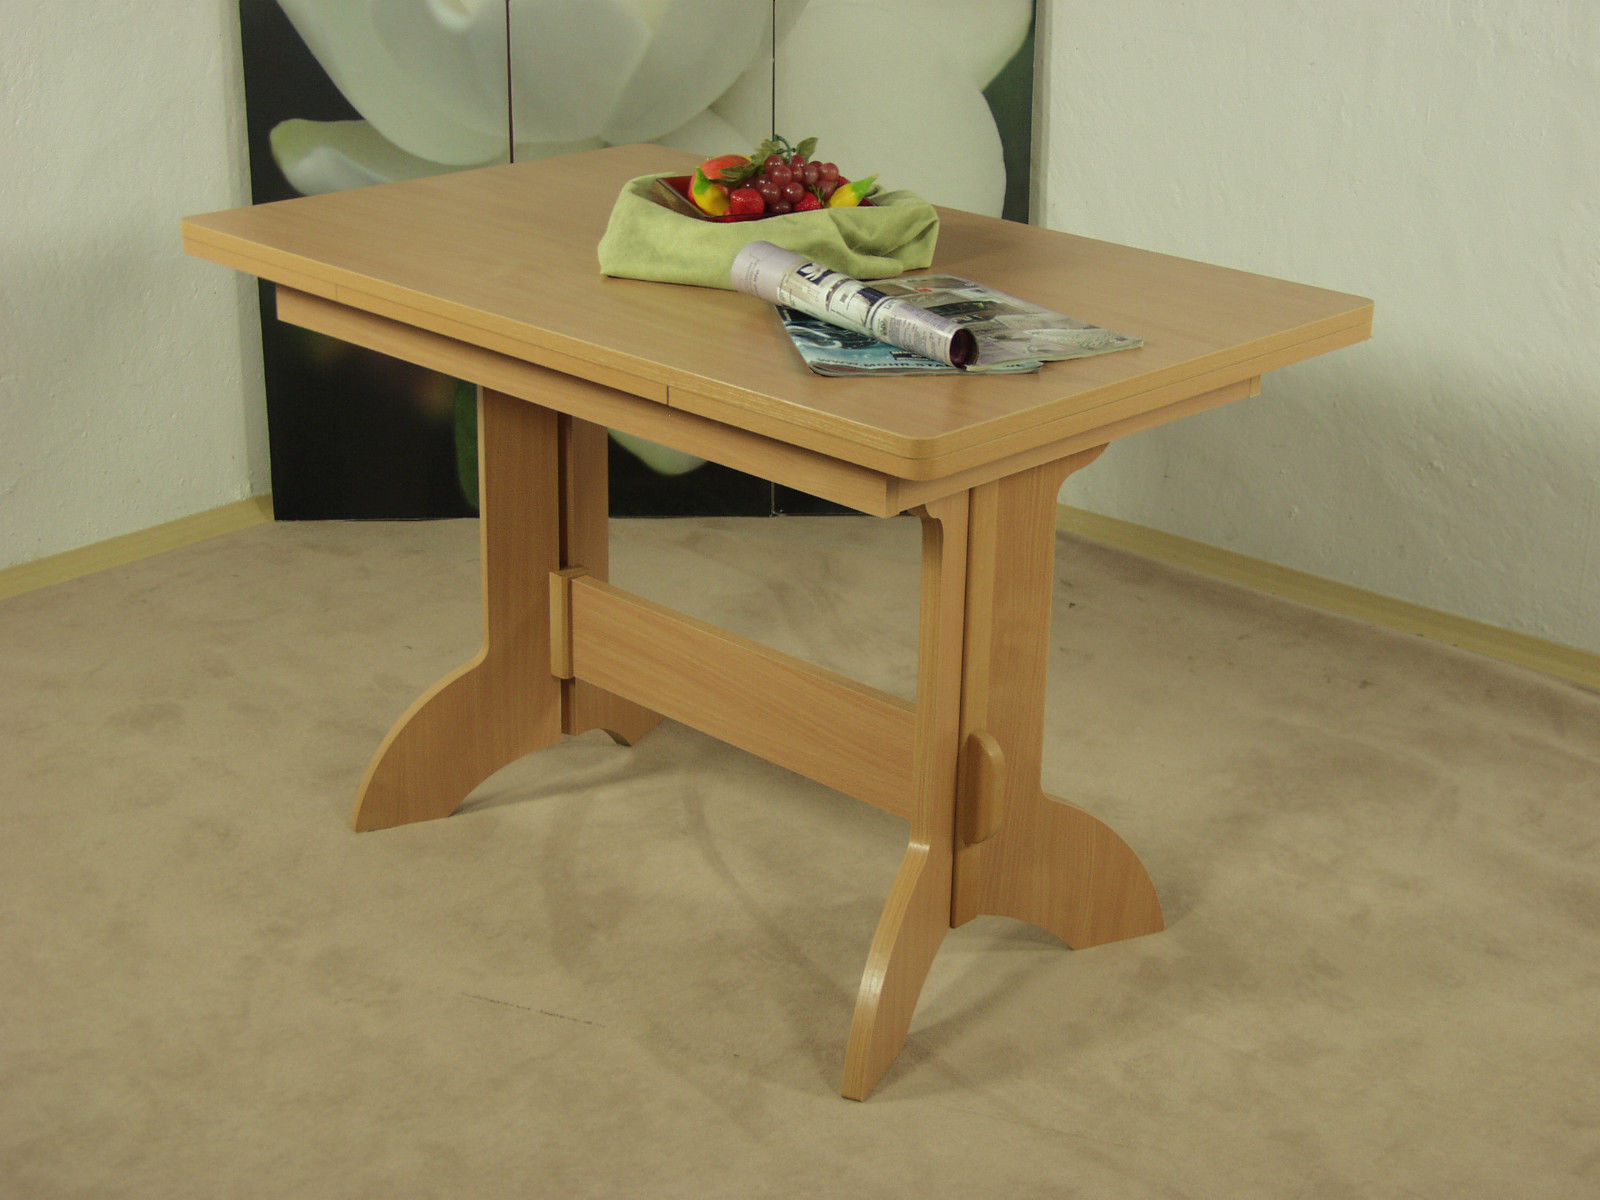 Auszugtisch buche massivholz esstisch esszimmertisch tisch for Esszimmertisch buche